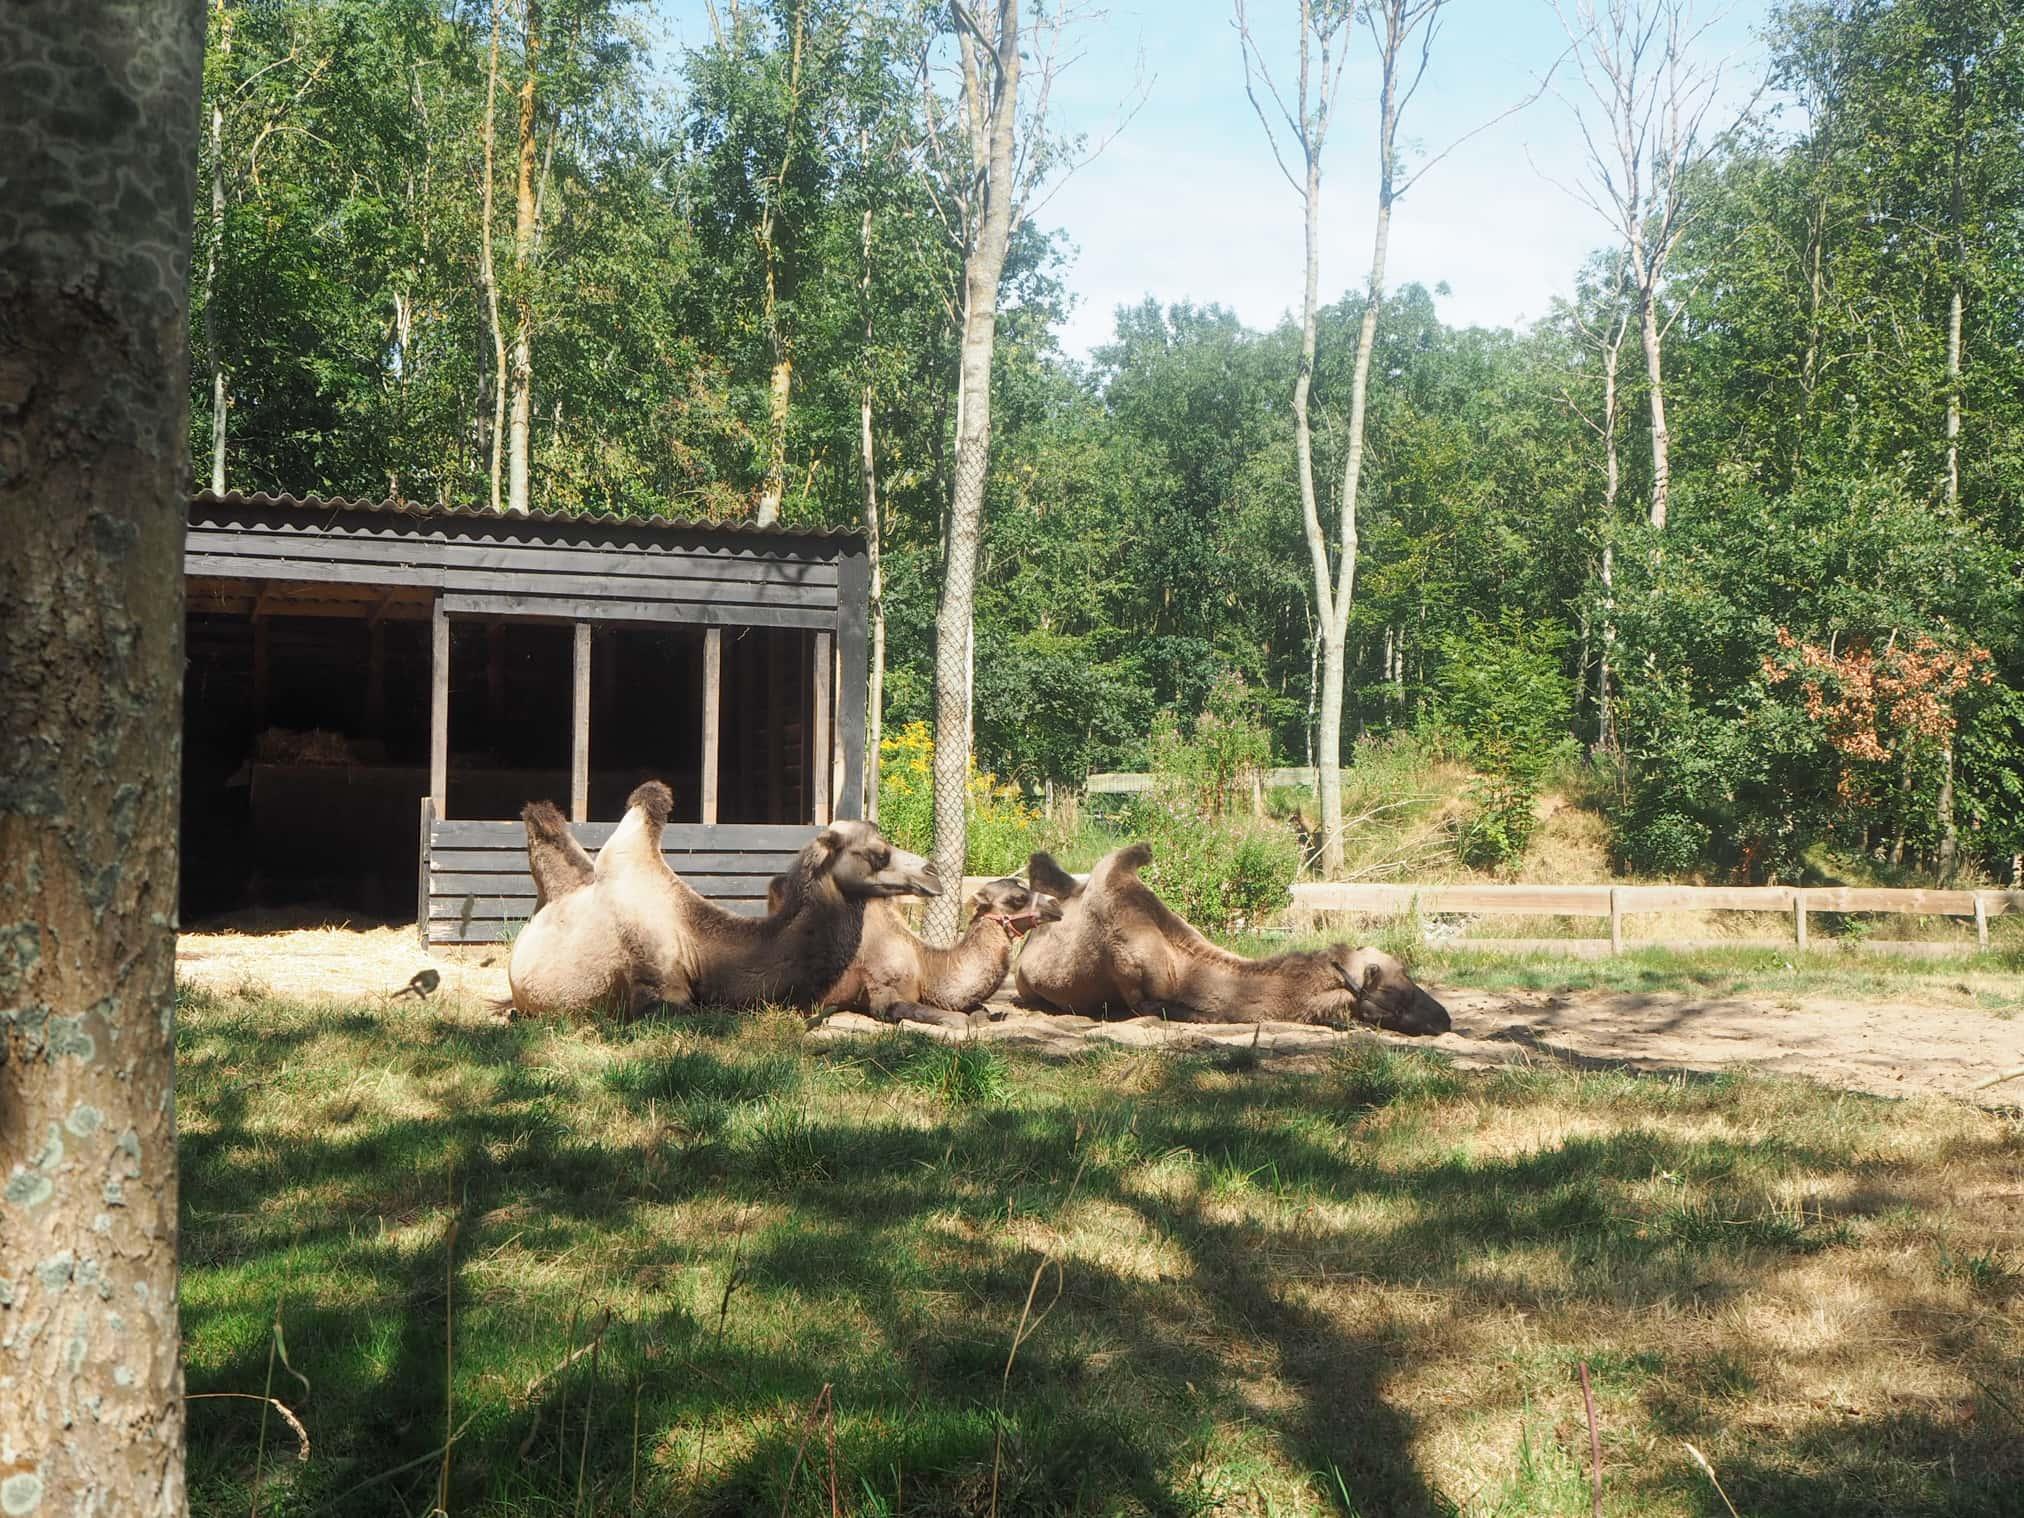 kamelen bij landgoed hoenderdaal